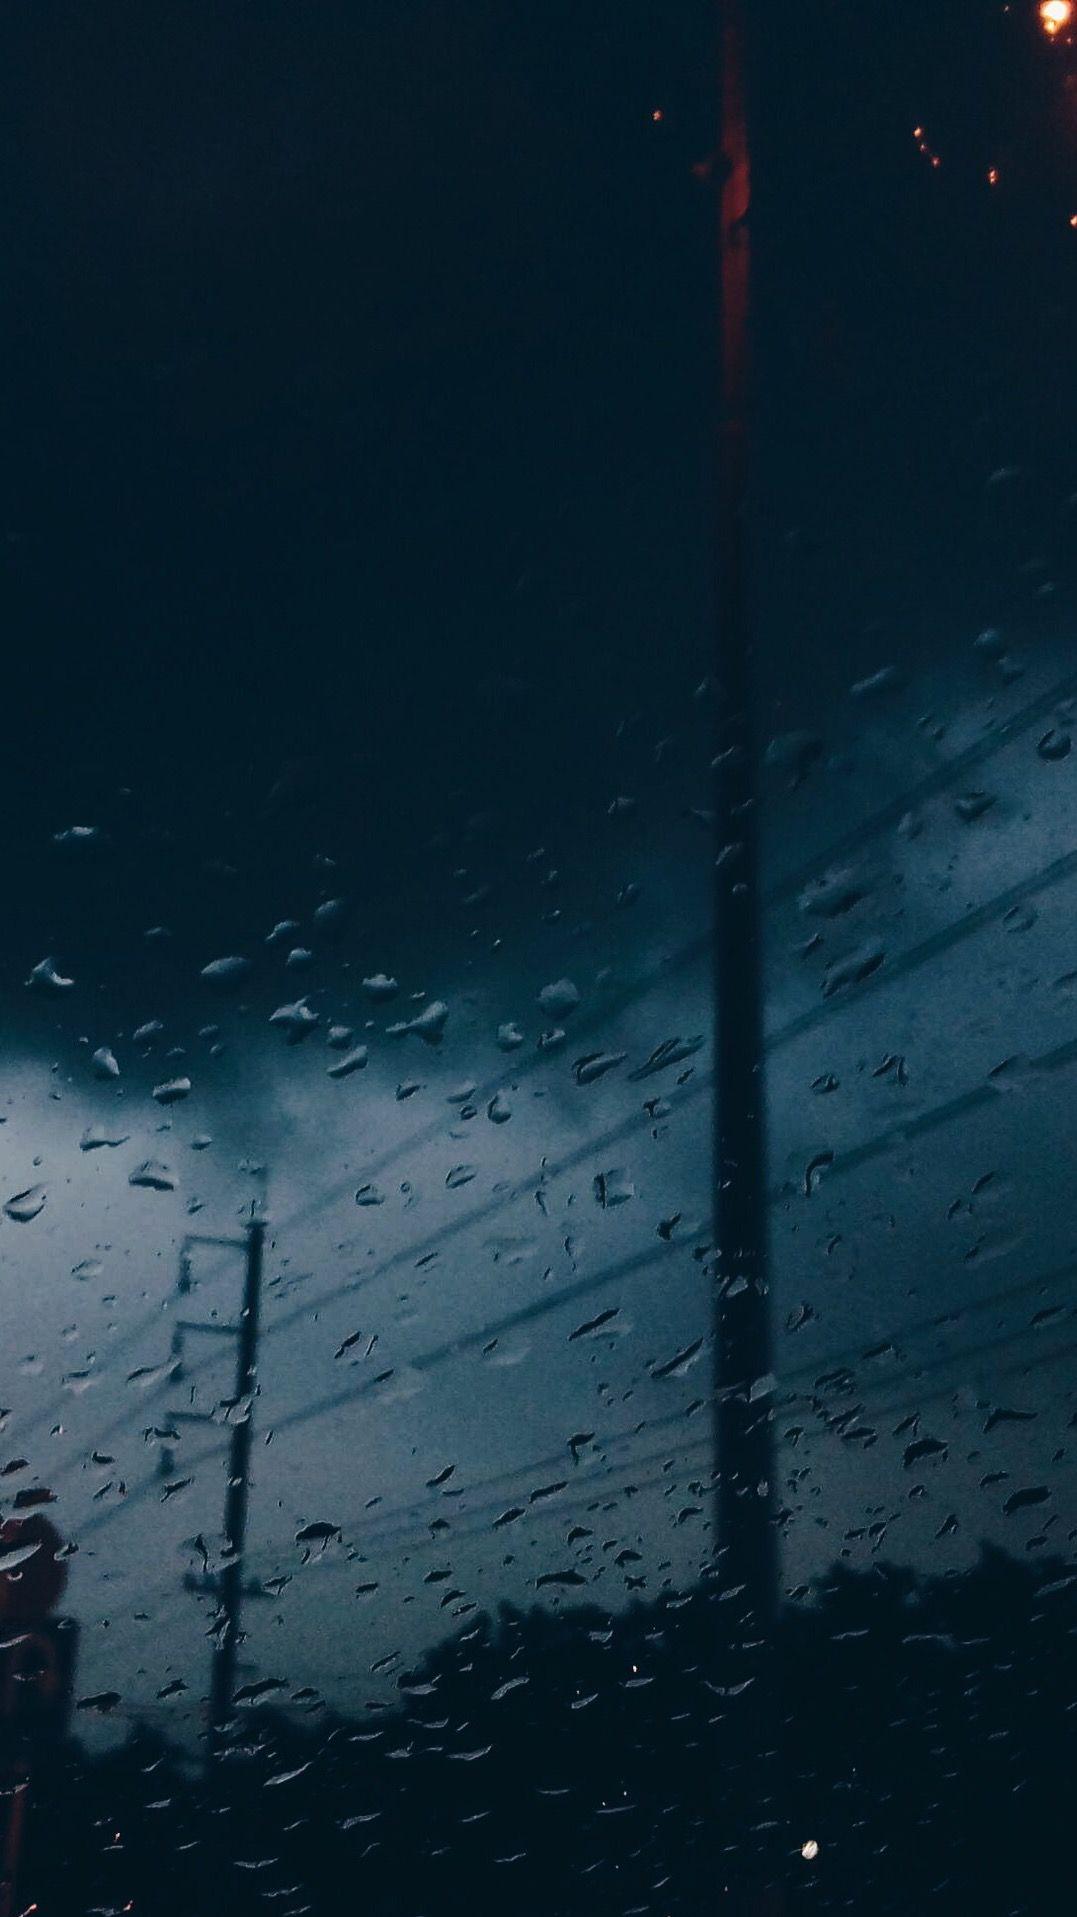 AMABLEU Sky aesthetic, Rain wallpapers, Aesthetic wallpapers